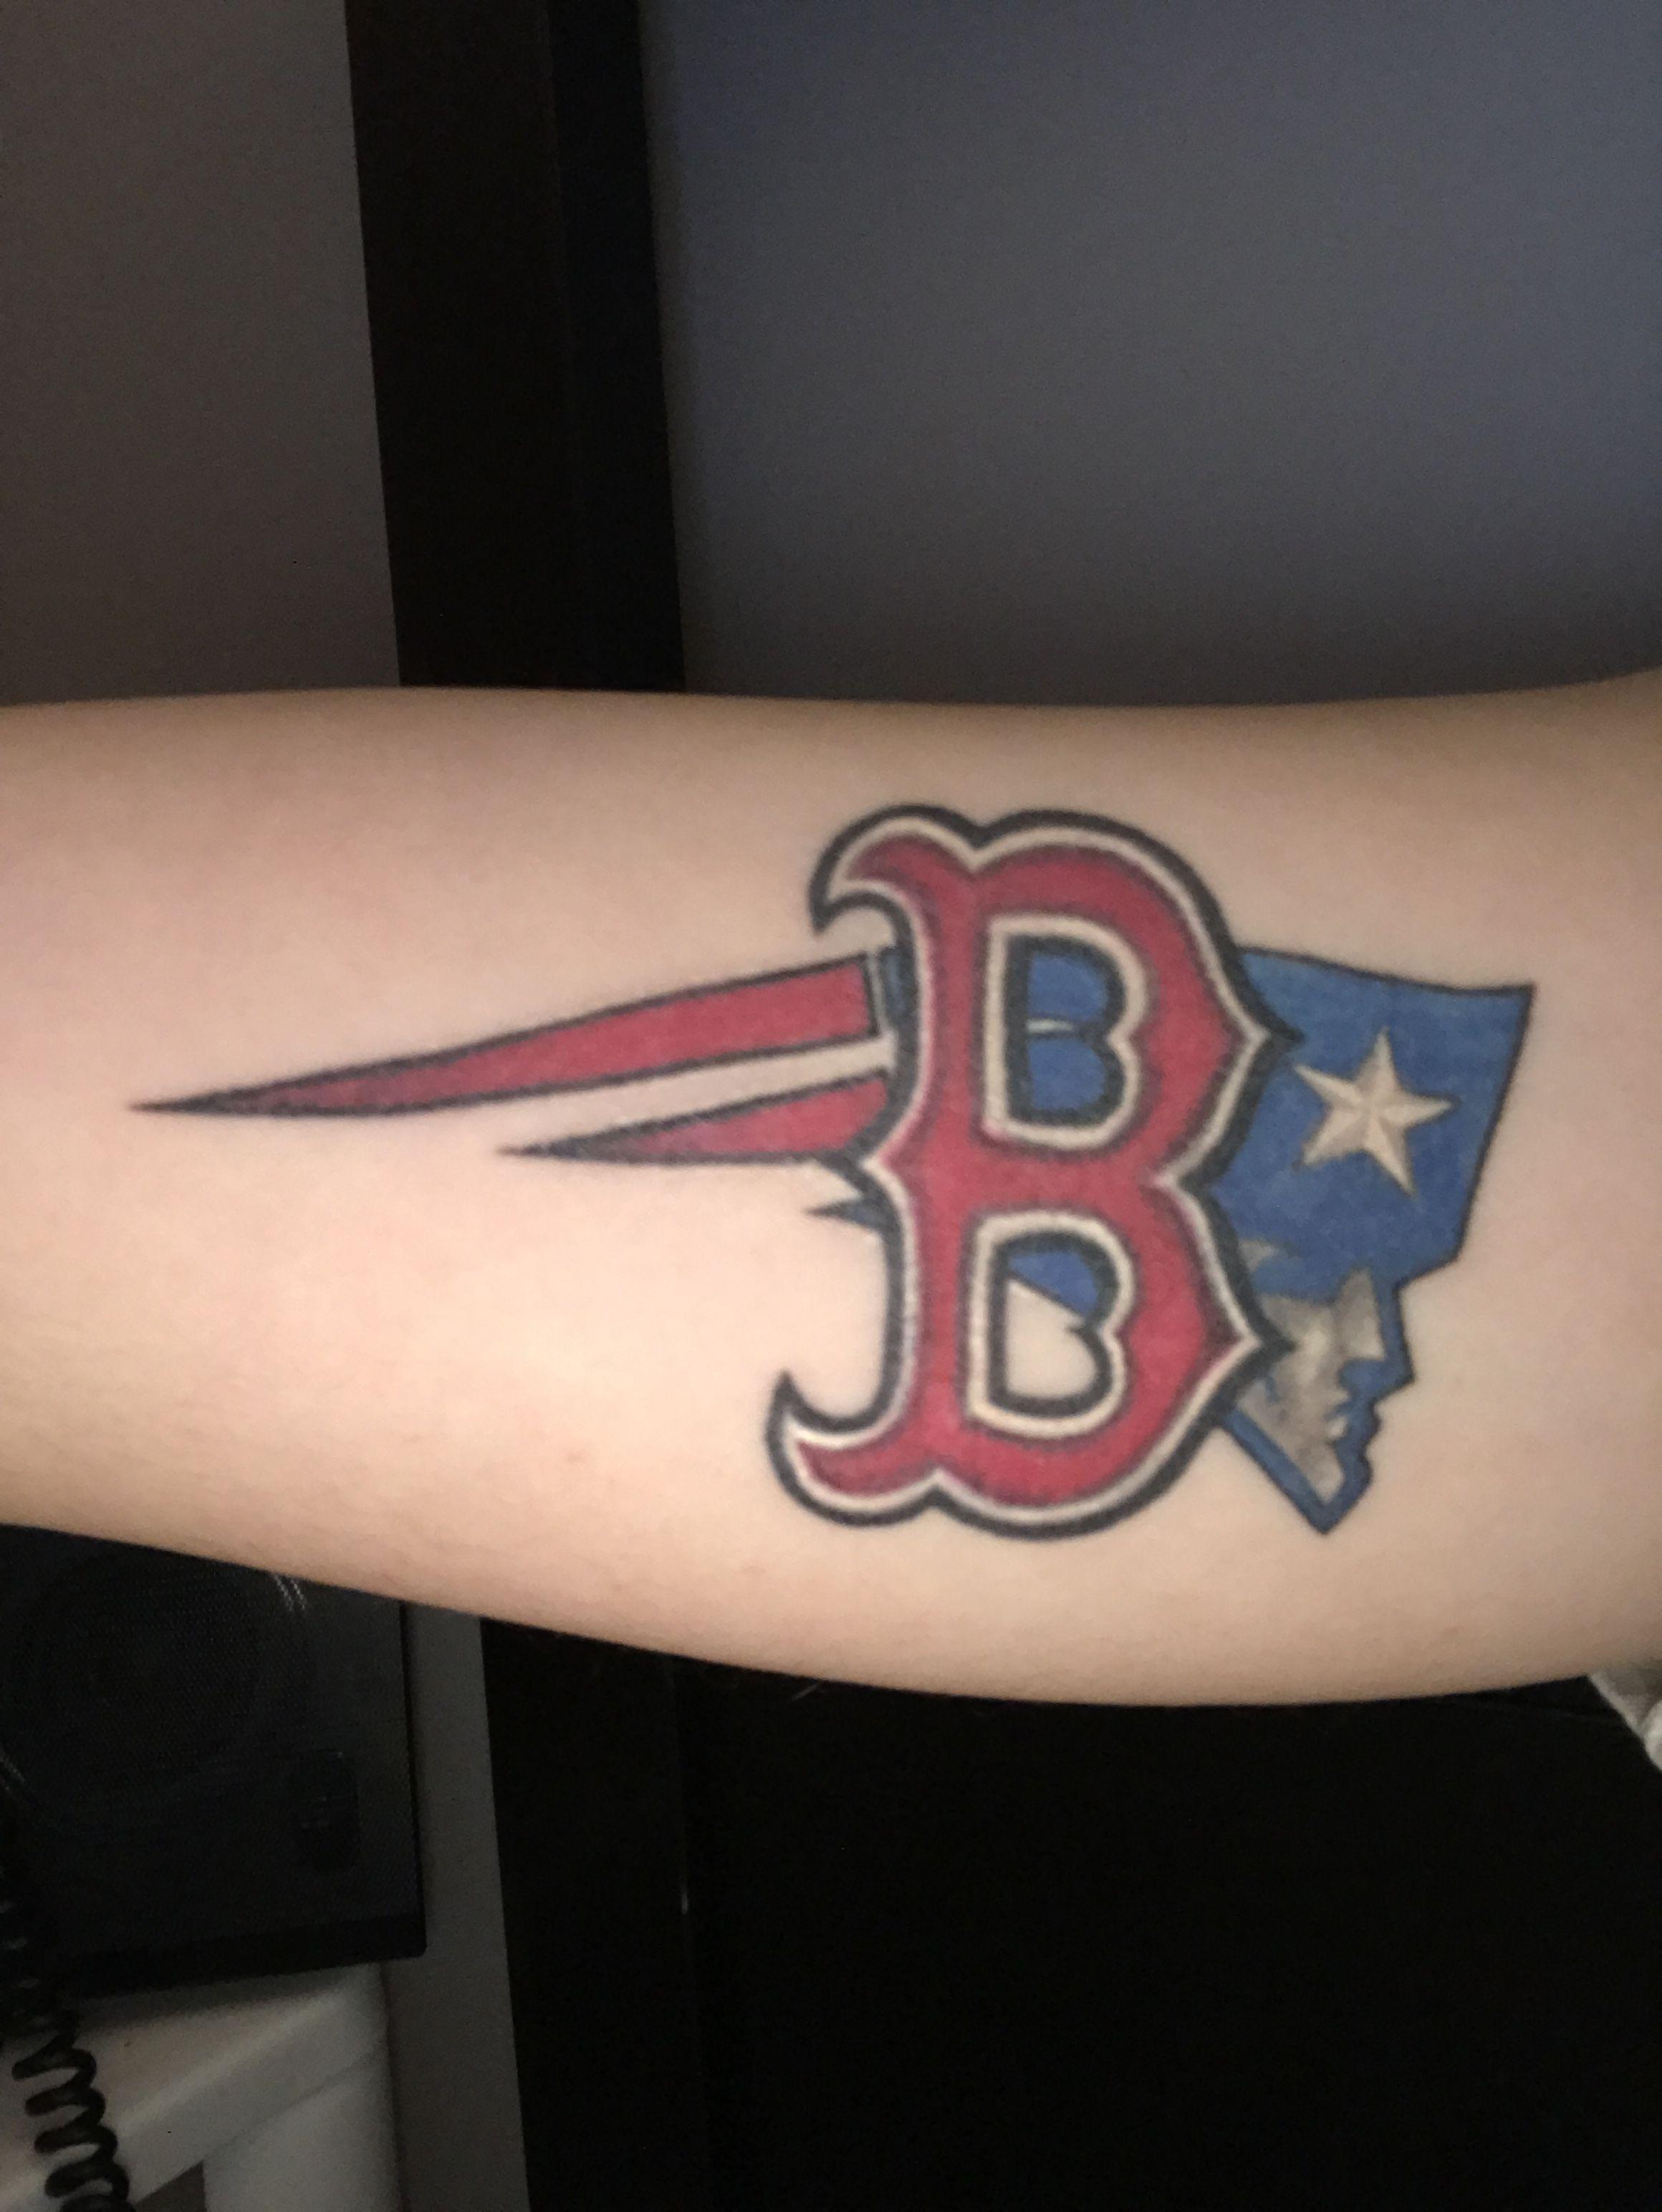 Tb12 Tombrady Patriots Ink Tattoo Inked Shop Tattoo Drawings